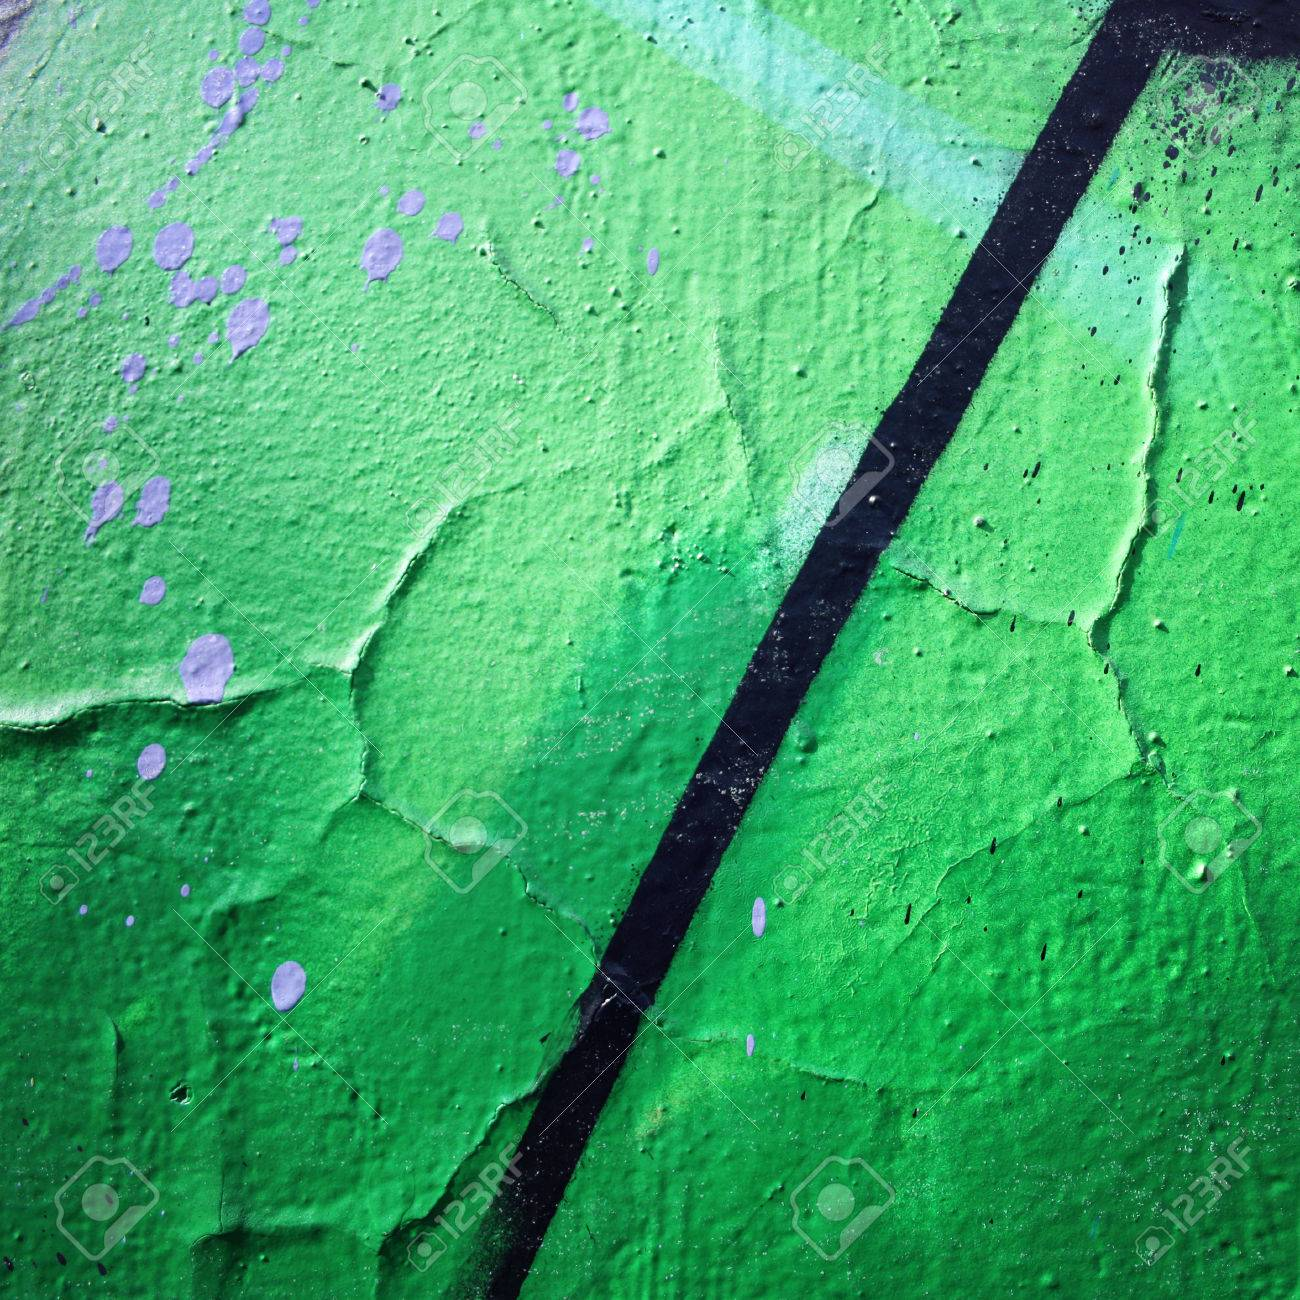 Cadre Pour Le Texte Gros Plan De Mur Urbain Peinture Brillante Sur La Surface Concreat Photo âgée Photo Rétro Effet Vintage Graffiti De Rue Se